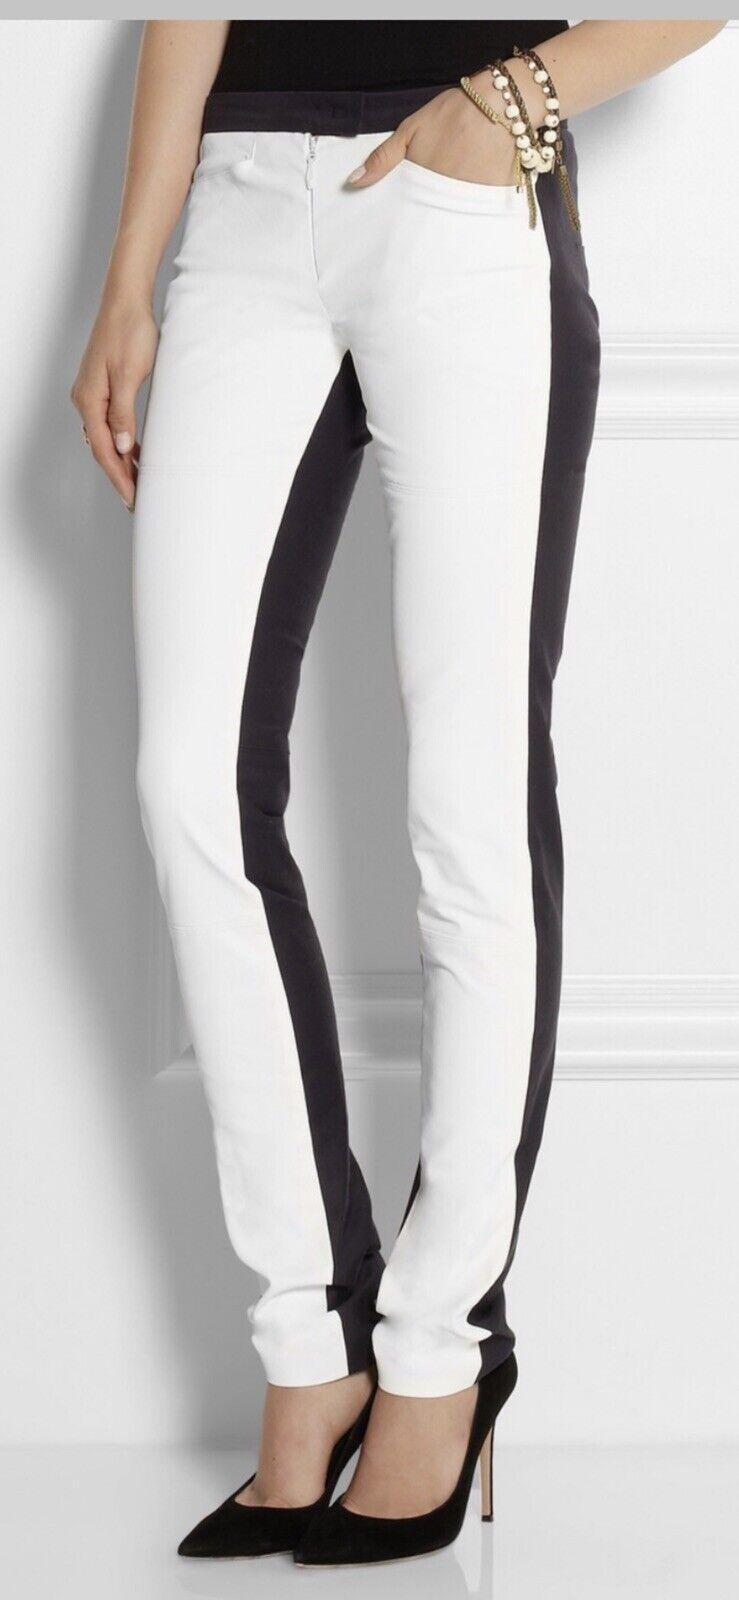 Isabel Marant Nyoka Pants Size 36 Italian Tuxedo Skinny Jeans Coated White  520